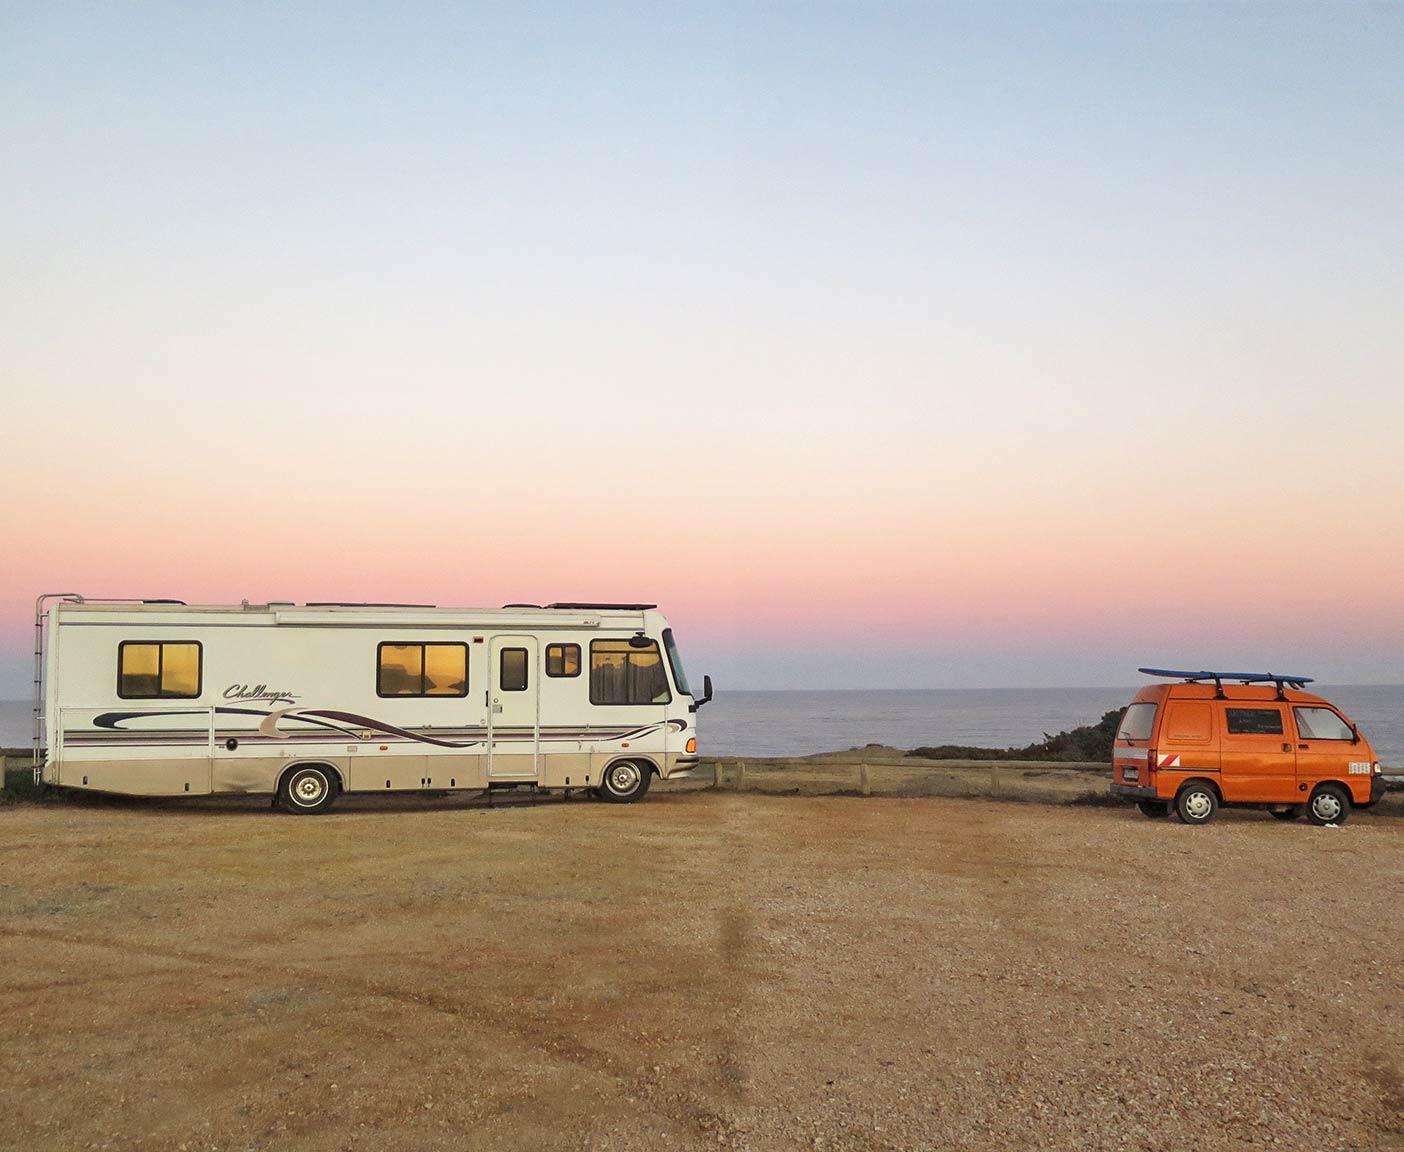 piaggio porter-minicamper-minivan-camper-mini-wohnmobil-kleiner-selbstausbau-6